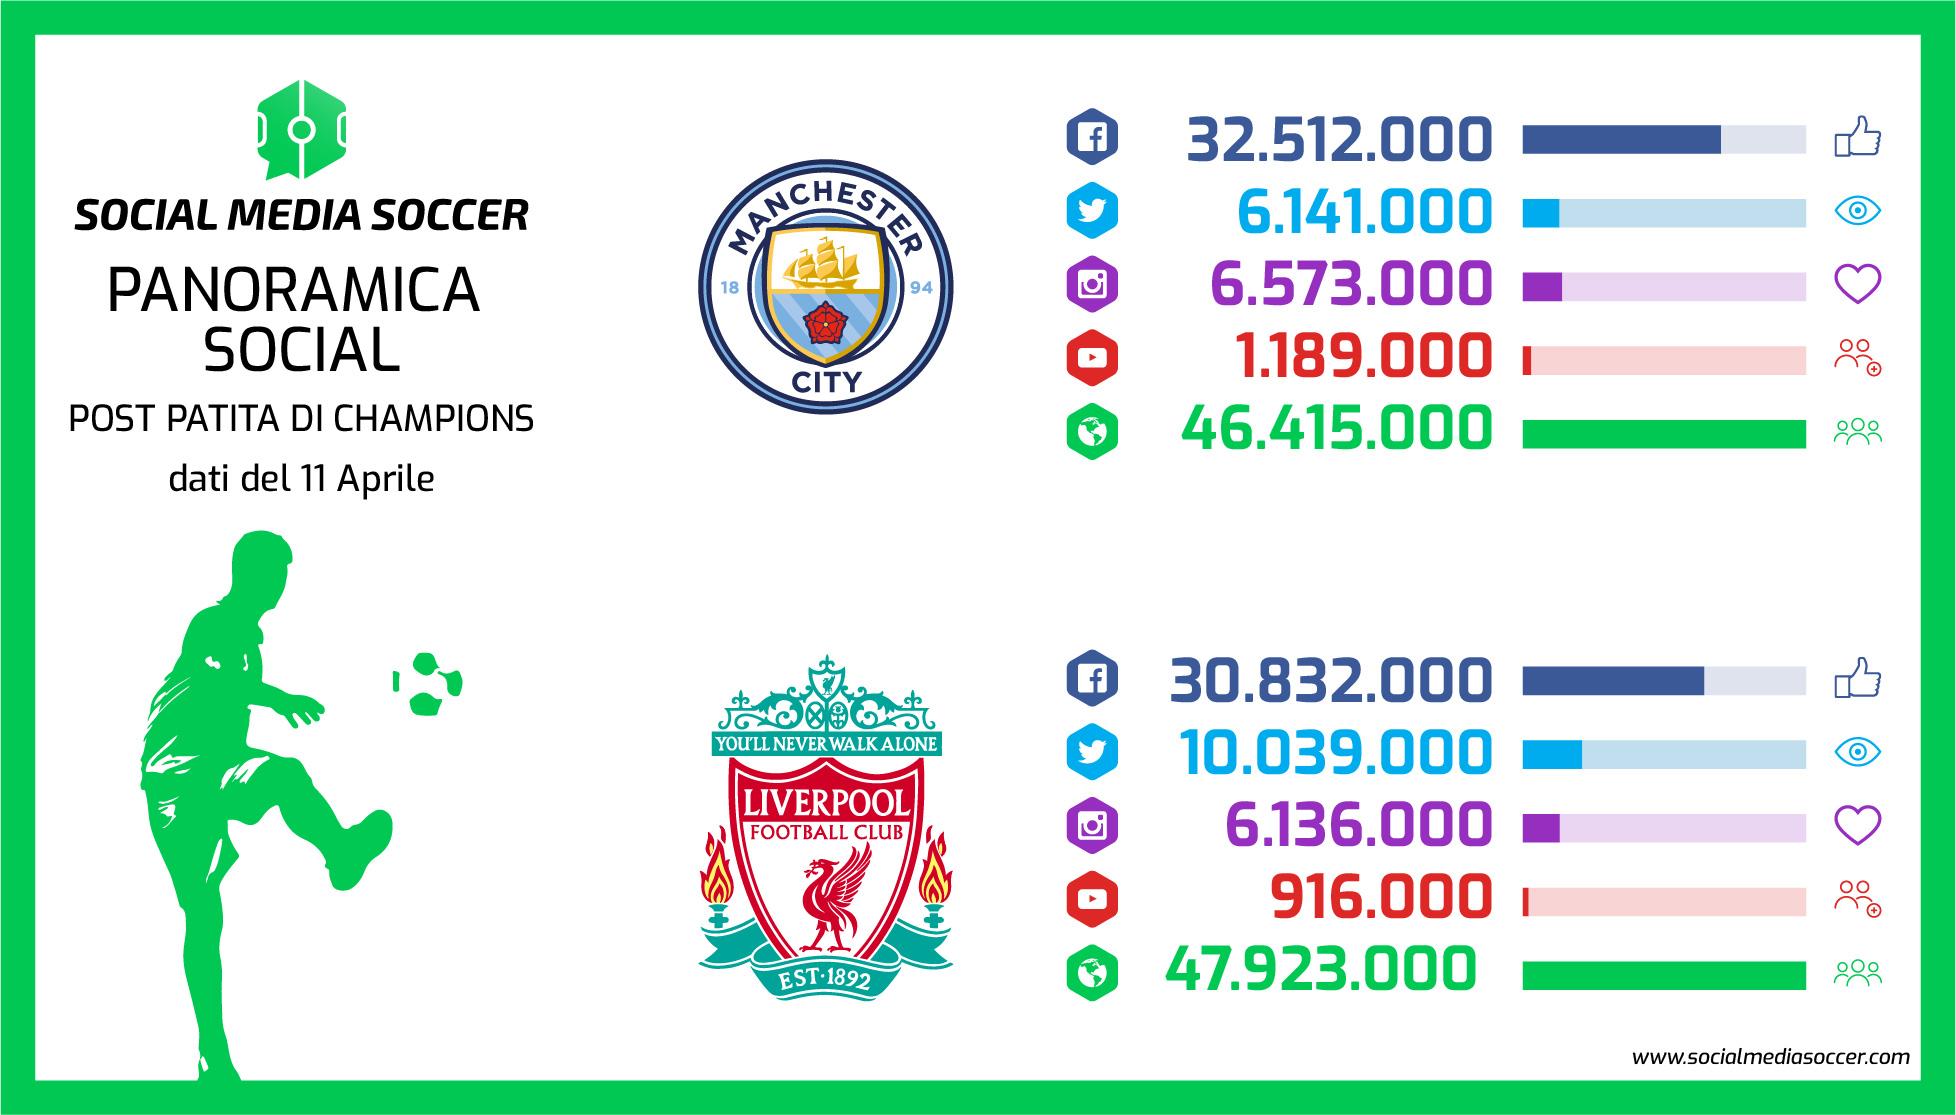 Social Ritorno quarti Champions League 2017/2018 Manchester City - Liverpool